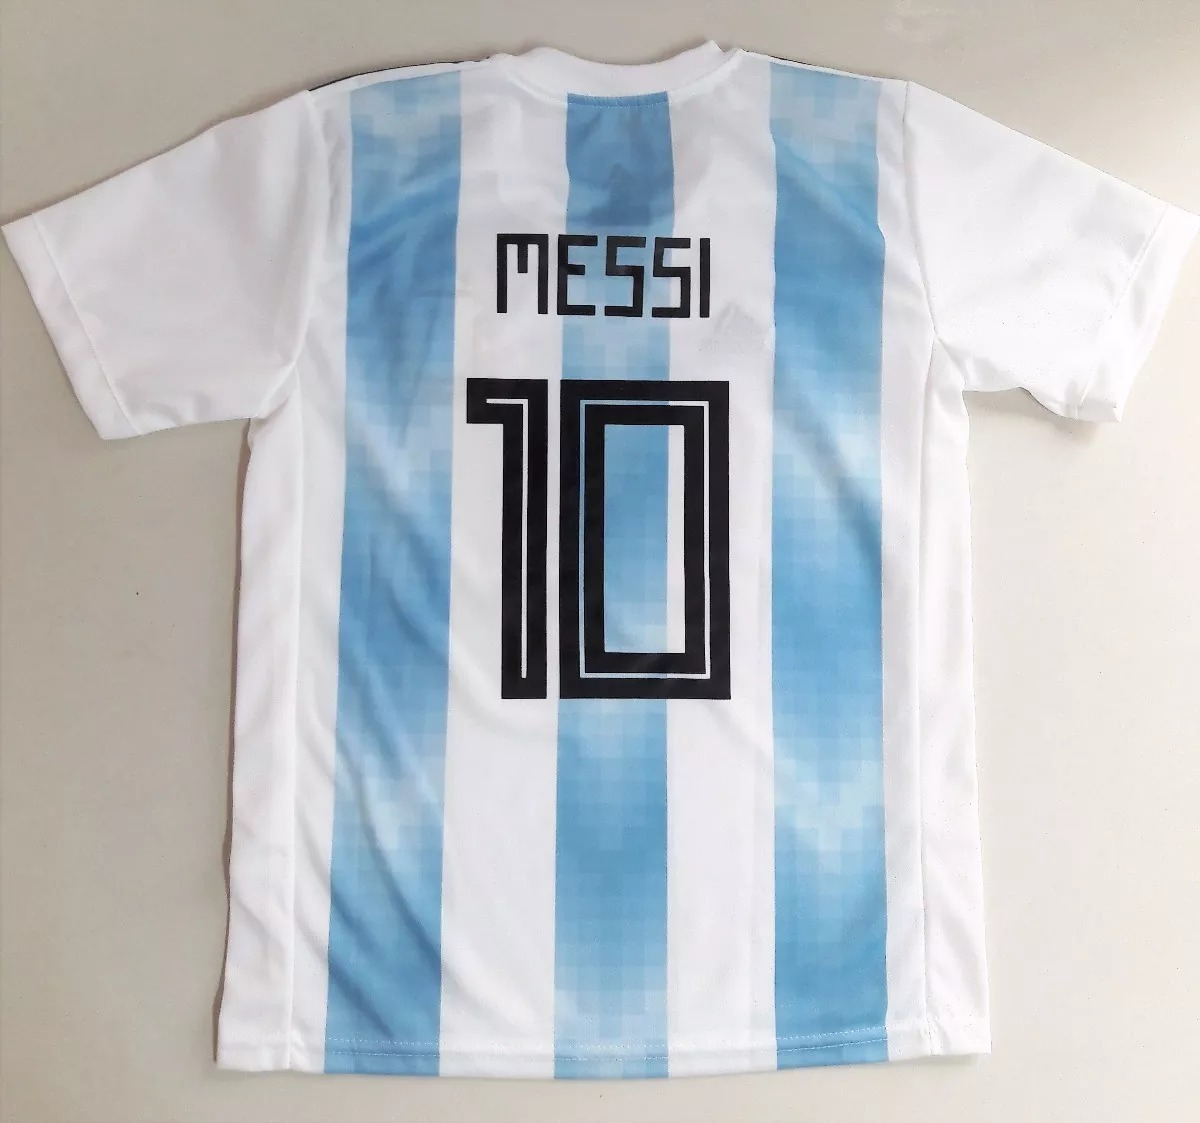 42b986836d camiseta argentina 10 messi mundial rusia 2018 ho. Cargando zoom.